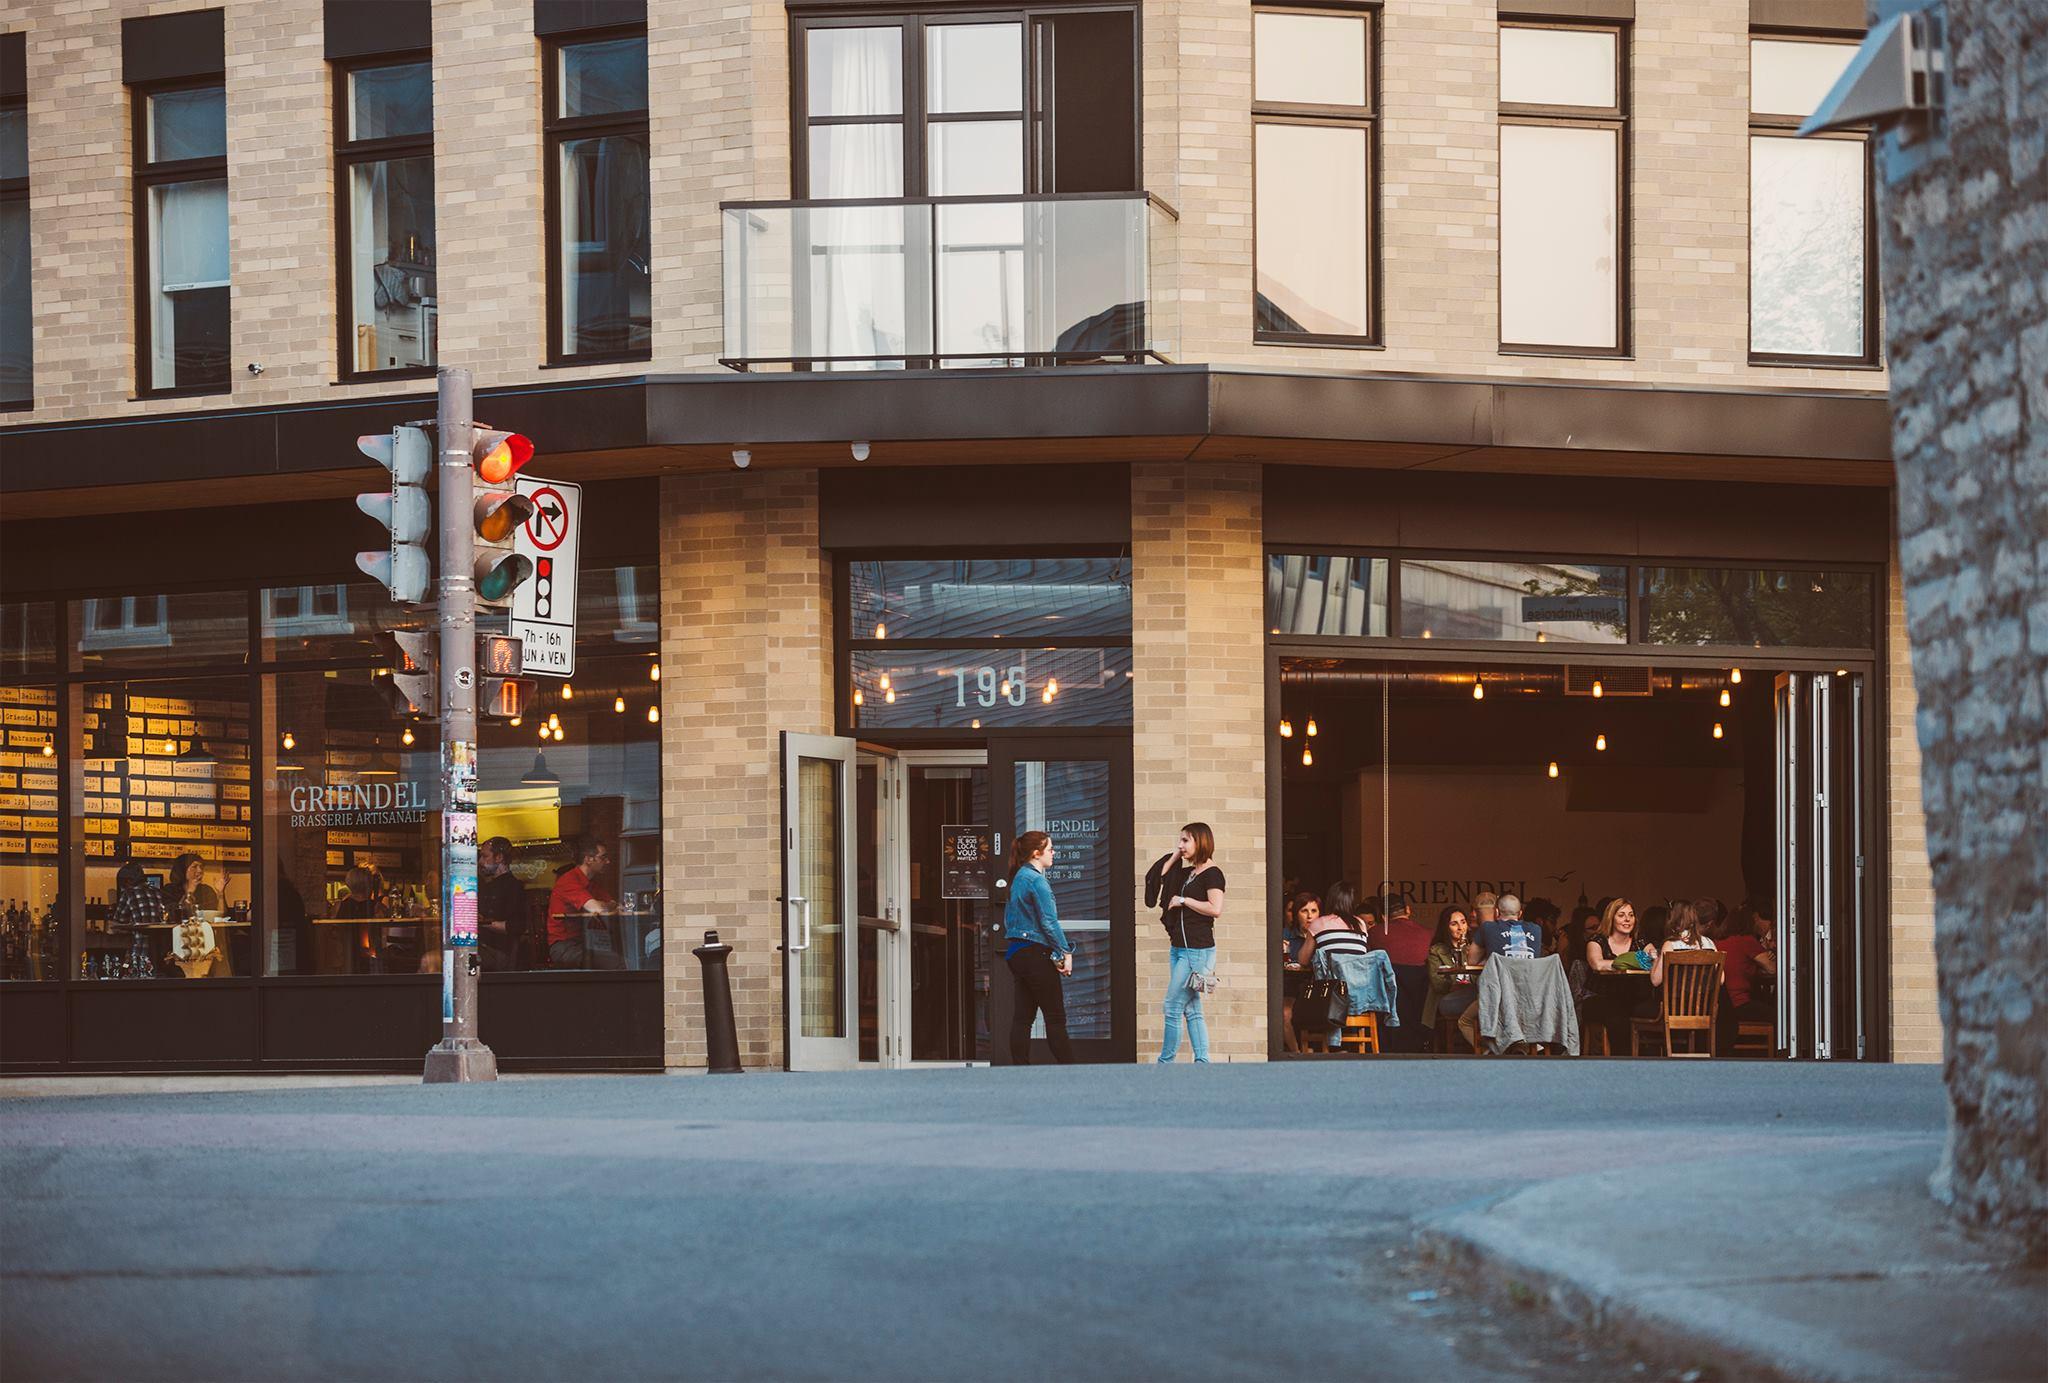 Réouverture Griendel   Griendel – Brasserie Artisanale